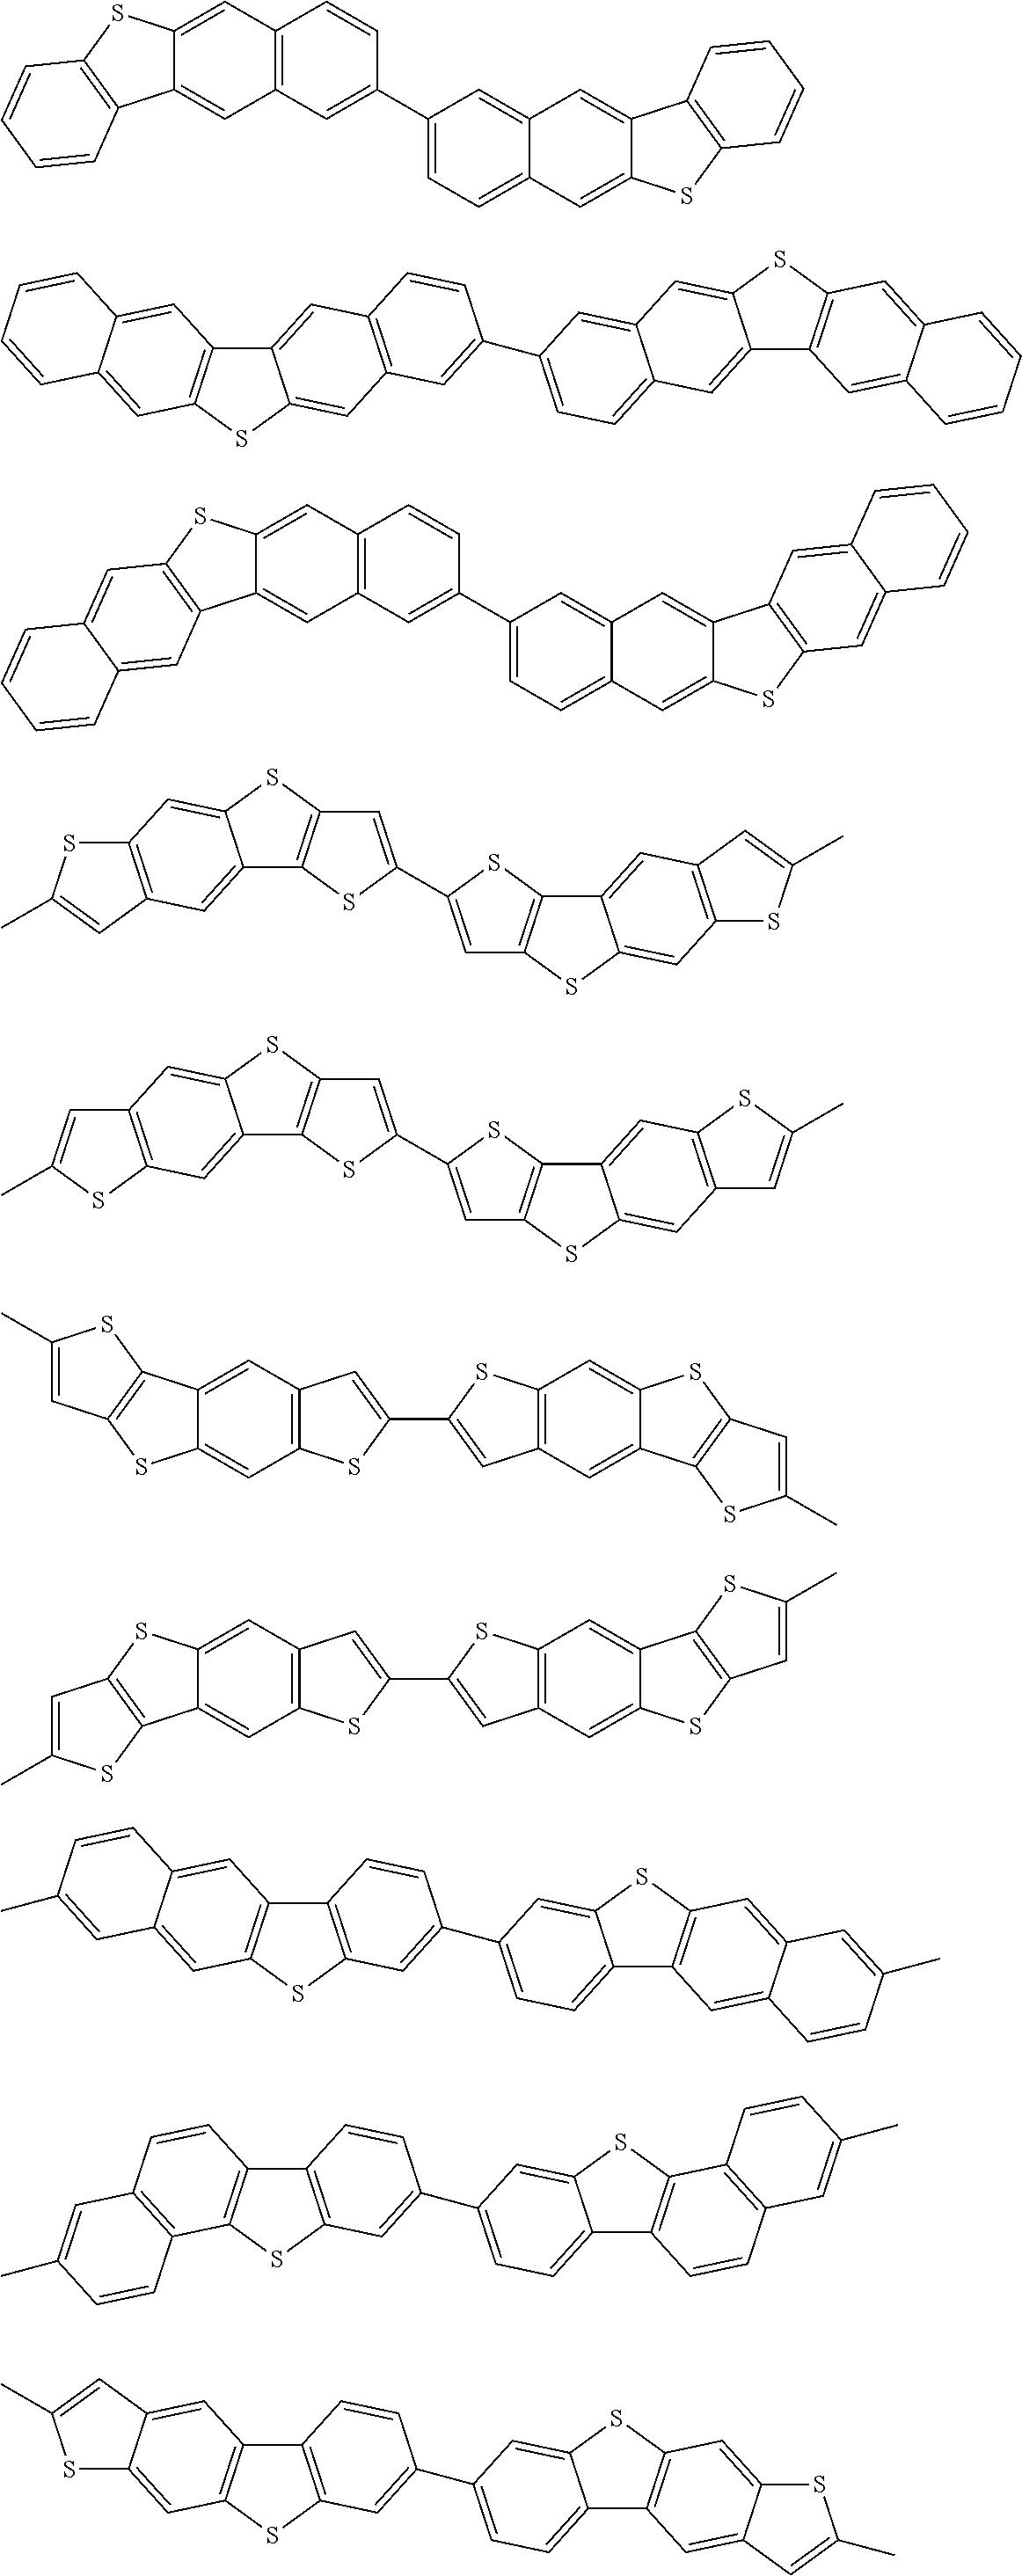 Figure US09985222-20180529-C00013